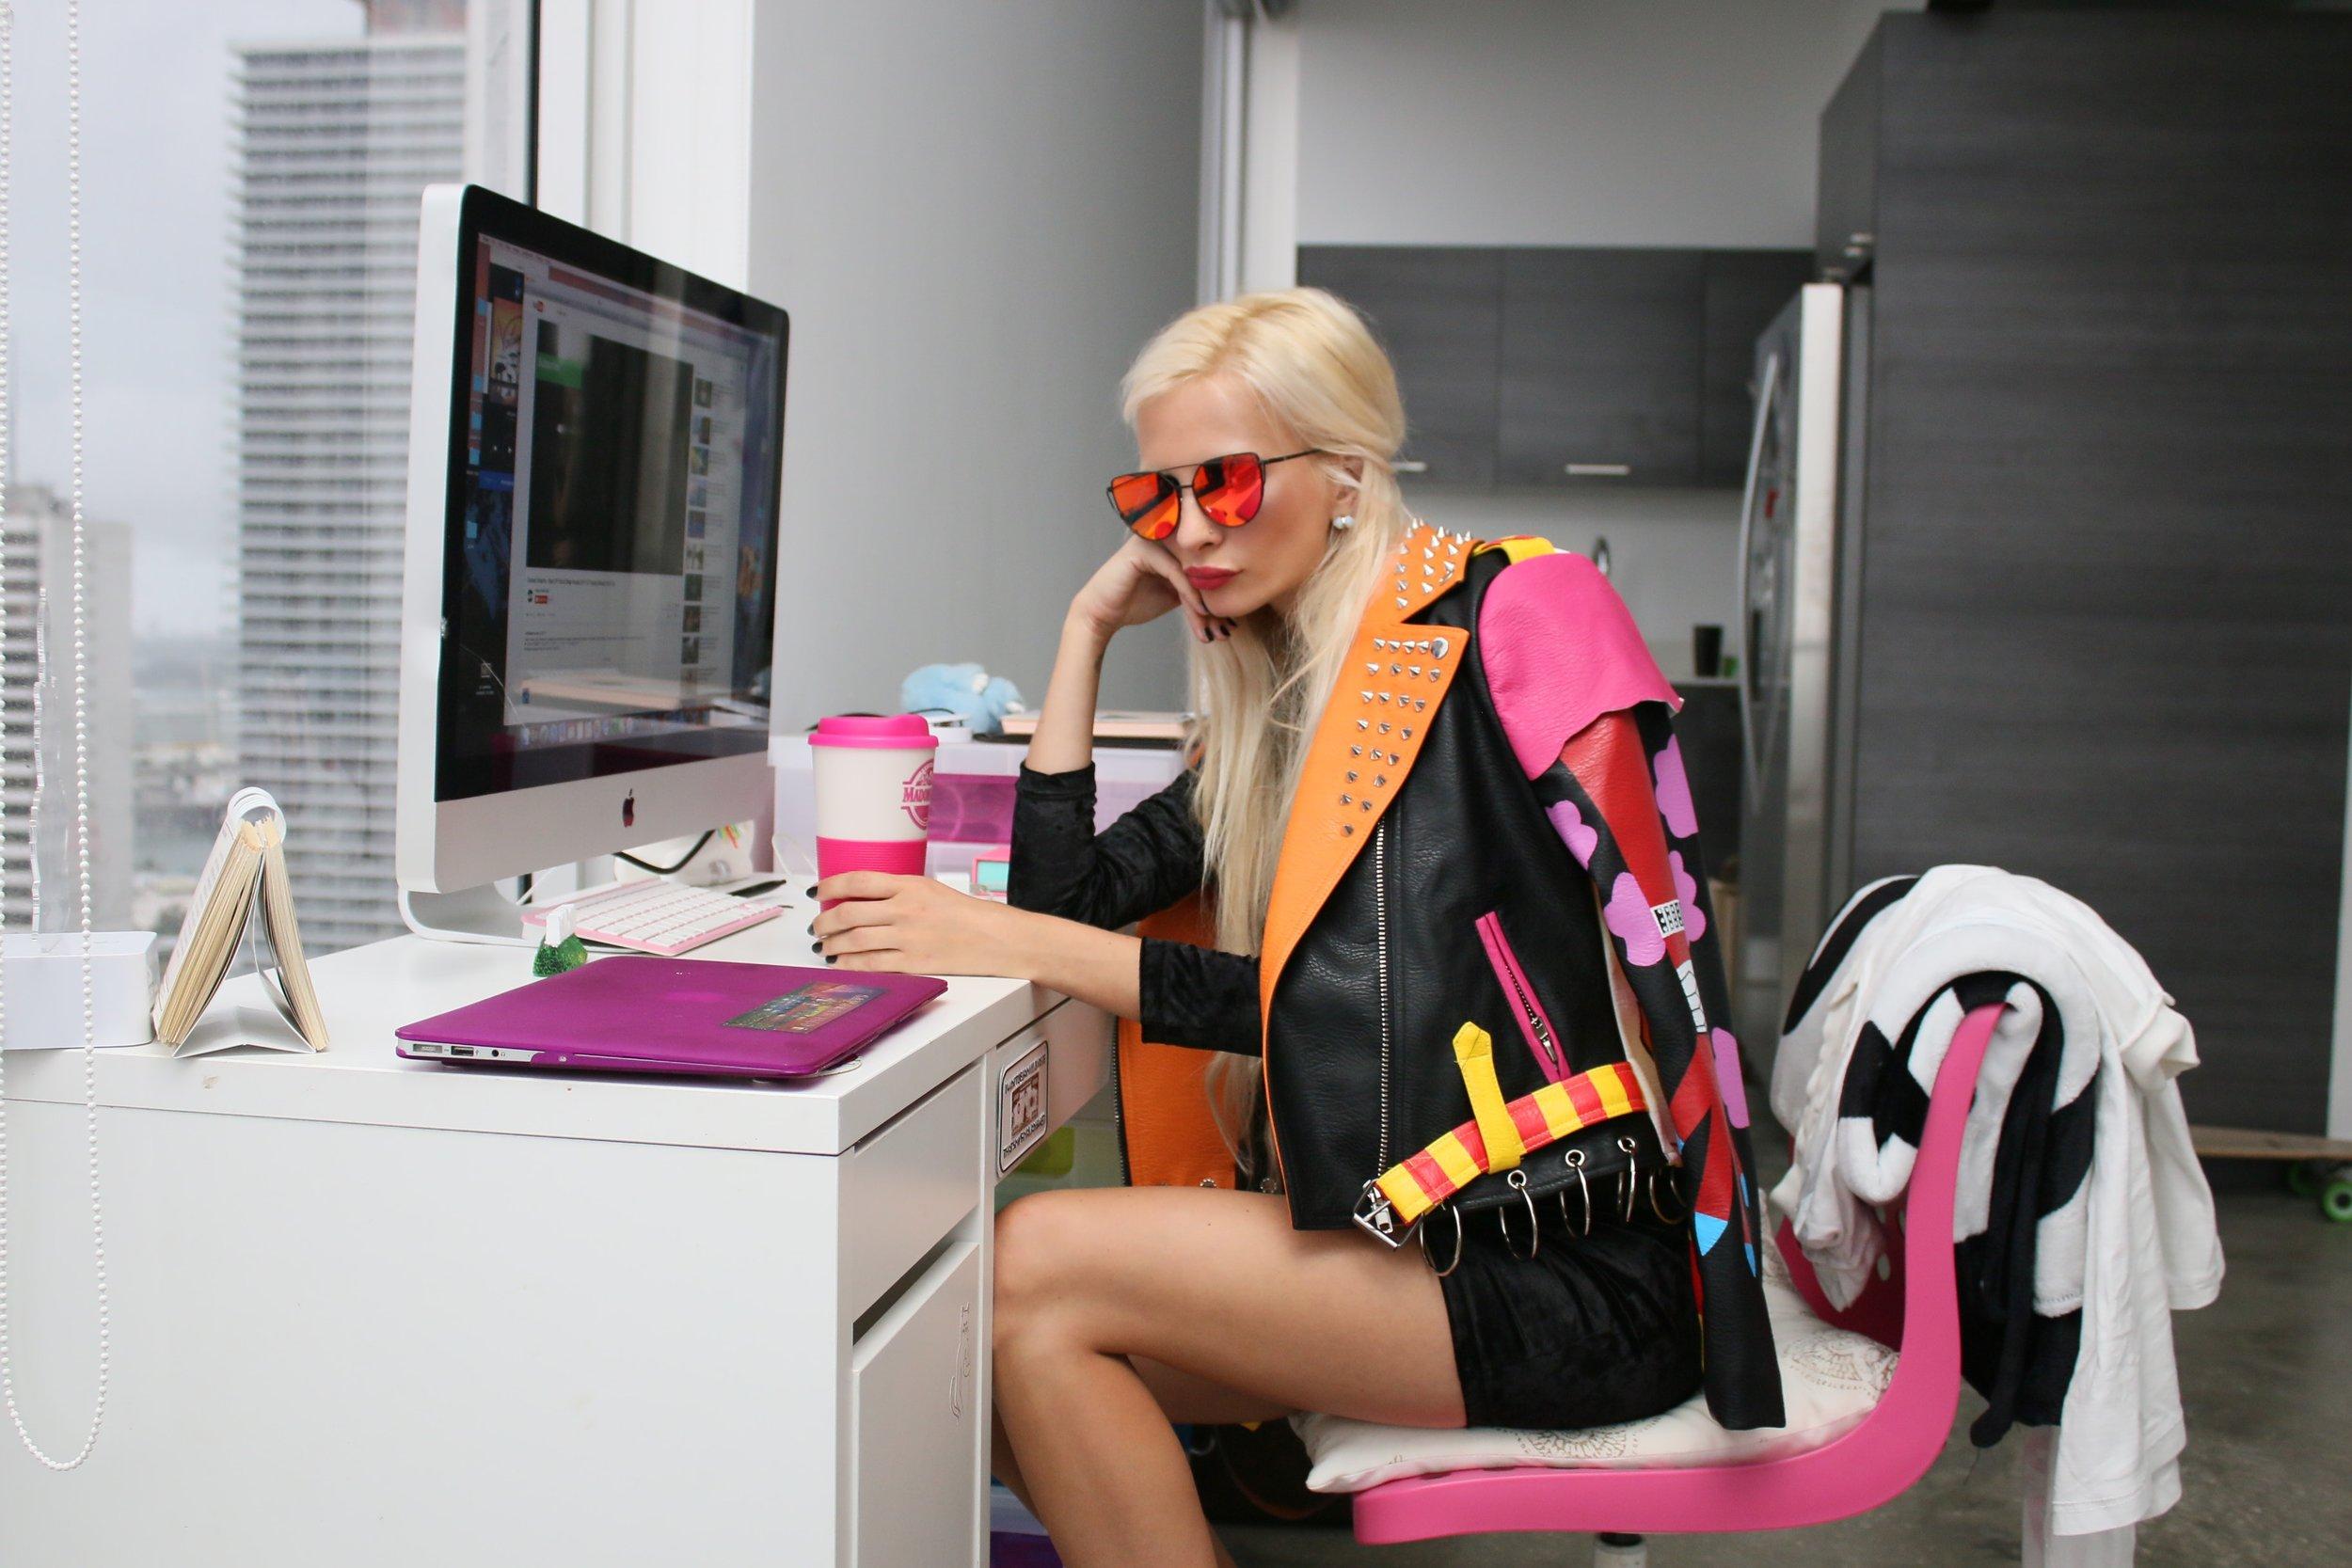 blogger-chair-clothes-756914.jpg